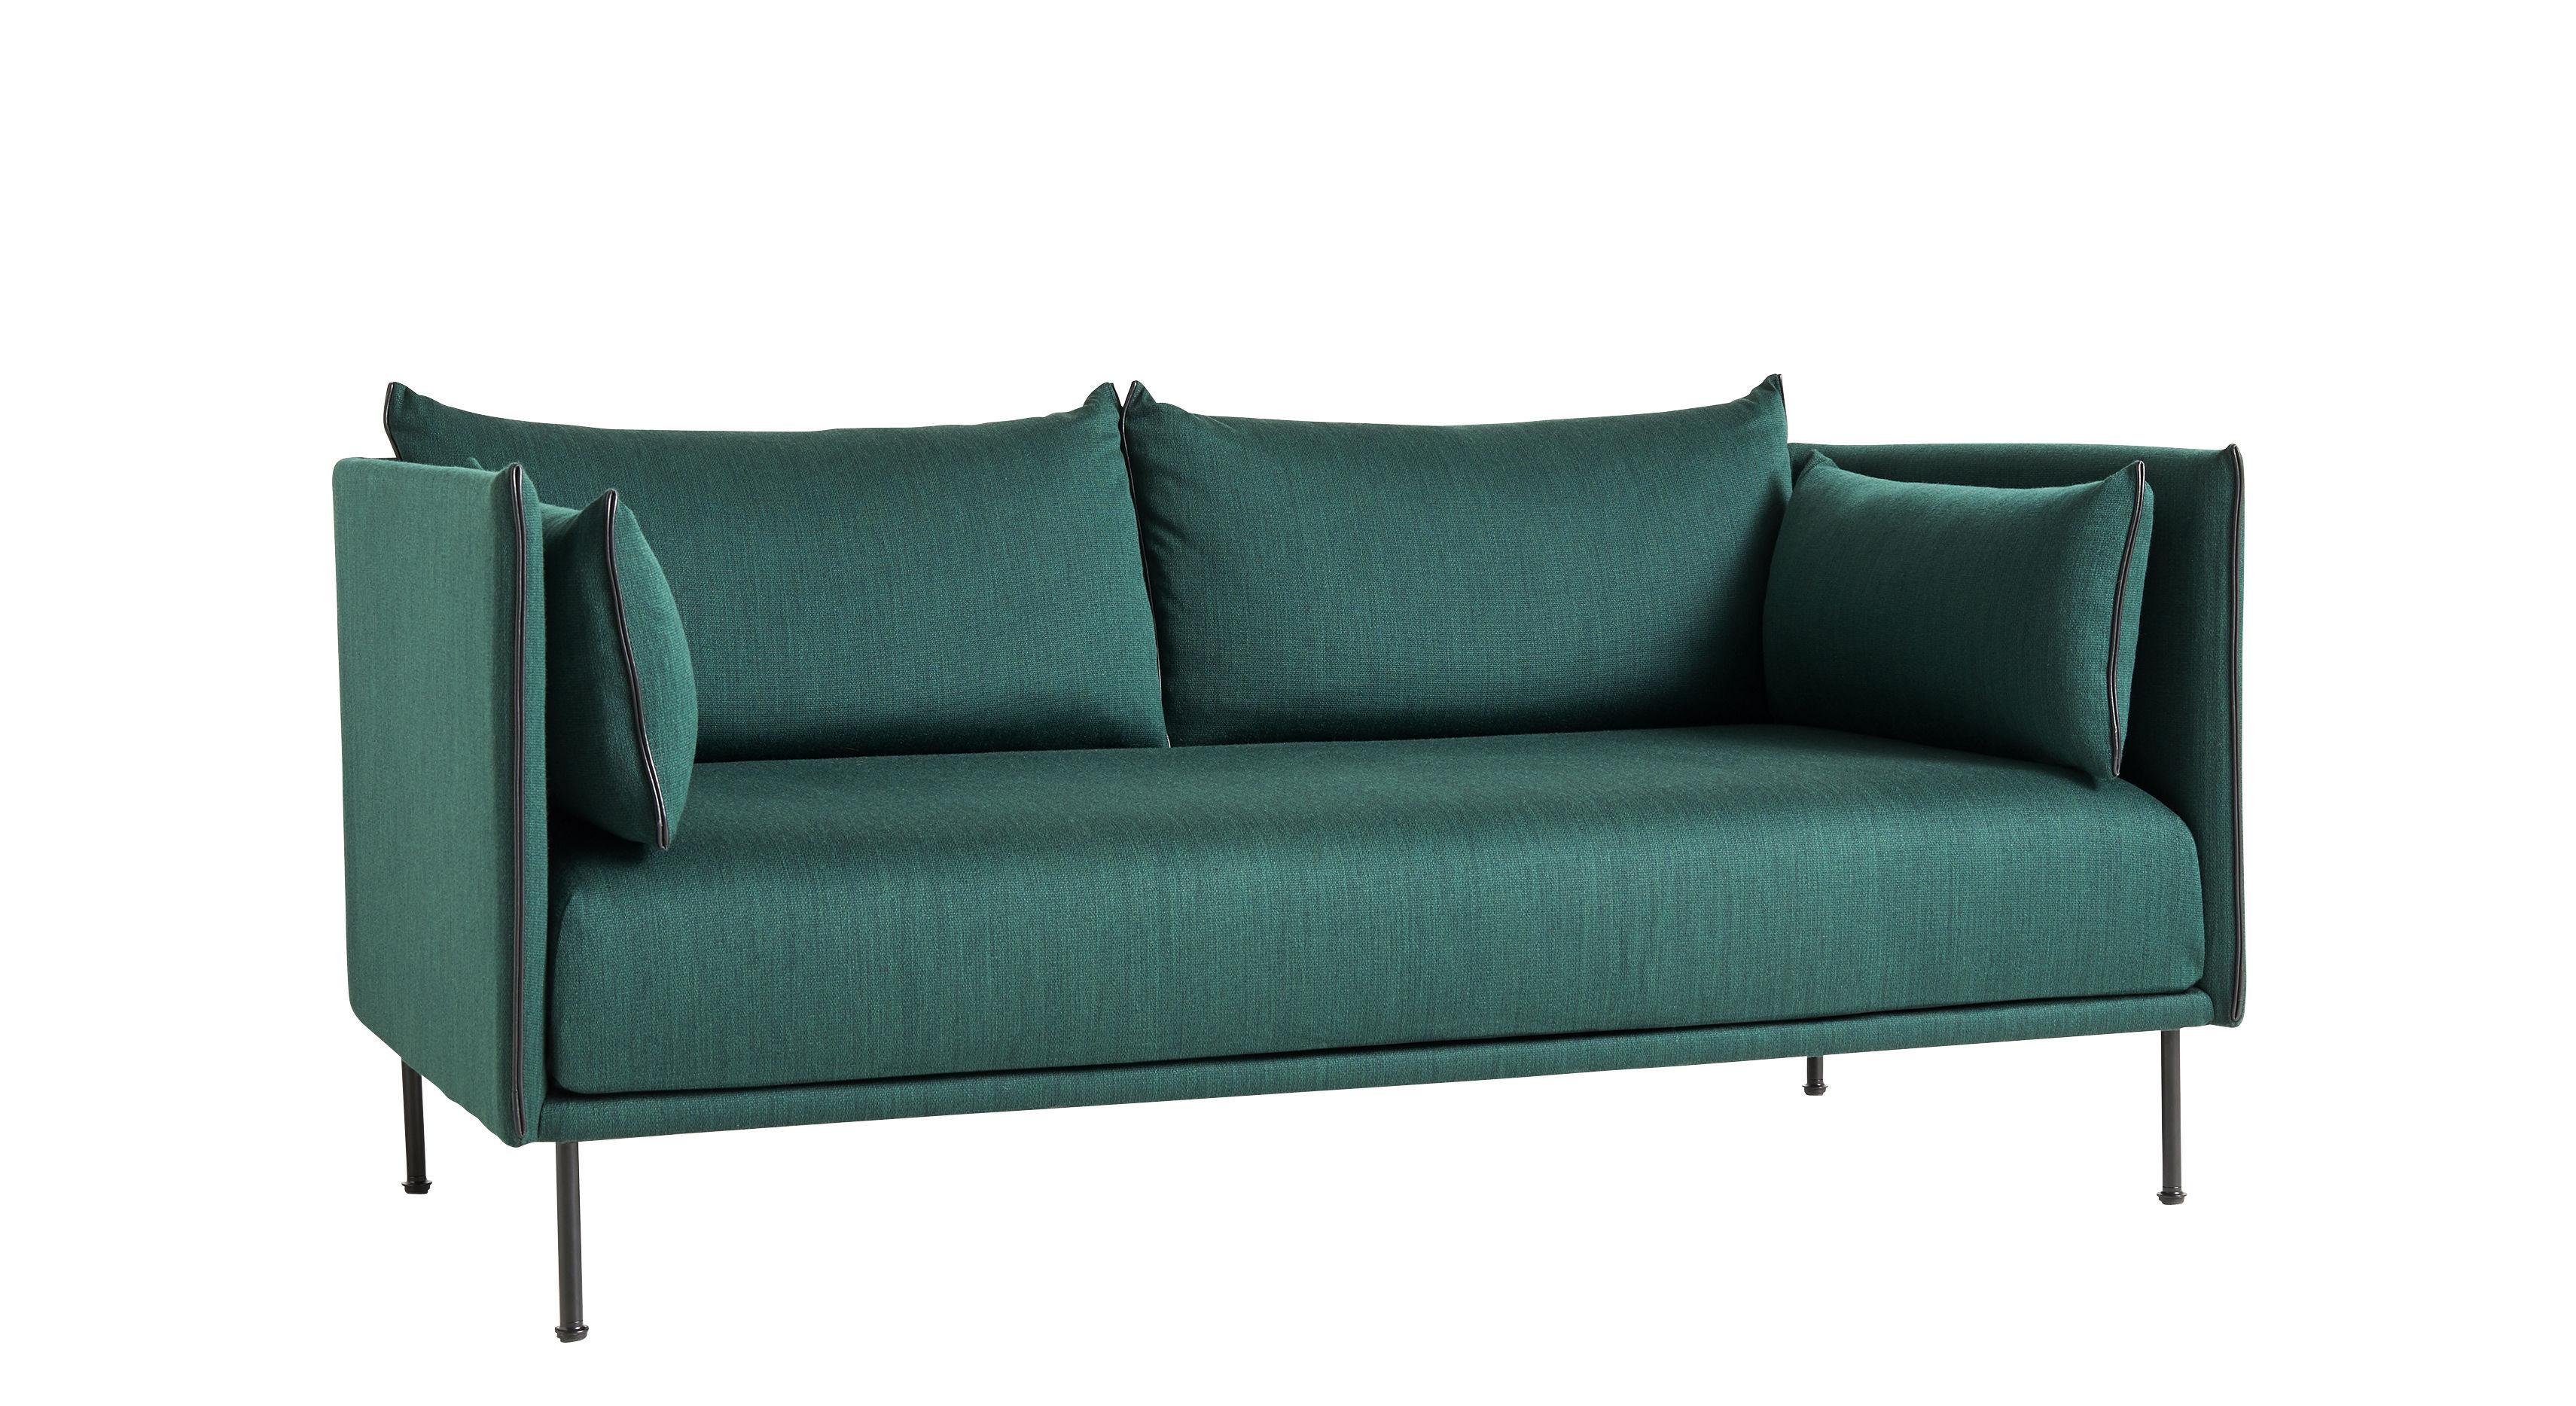 Möbel - Sofas - Silhouette Sofa / 2-Sitzer - L 171 cm - Hay - Grün / Füße schwarz -  Plumes, Gewebe, Glasfaser, Polyurethan-Schaum